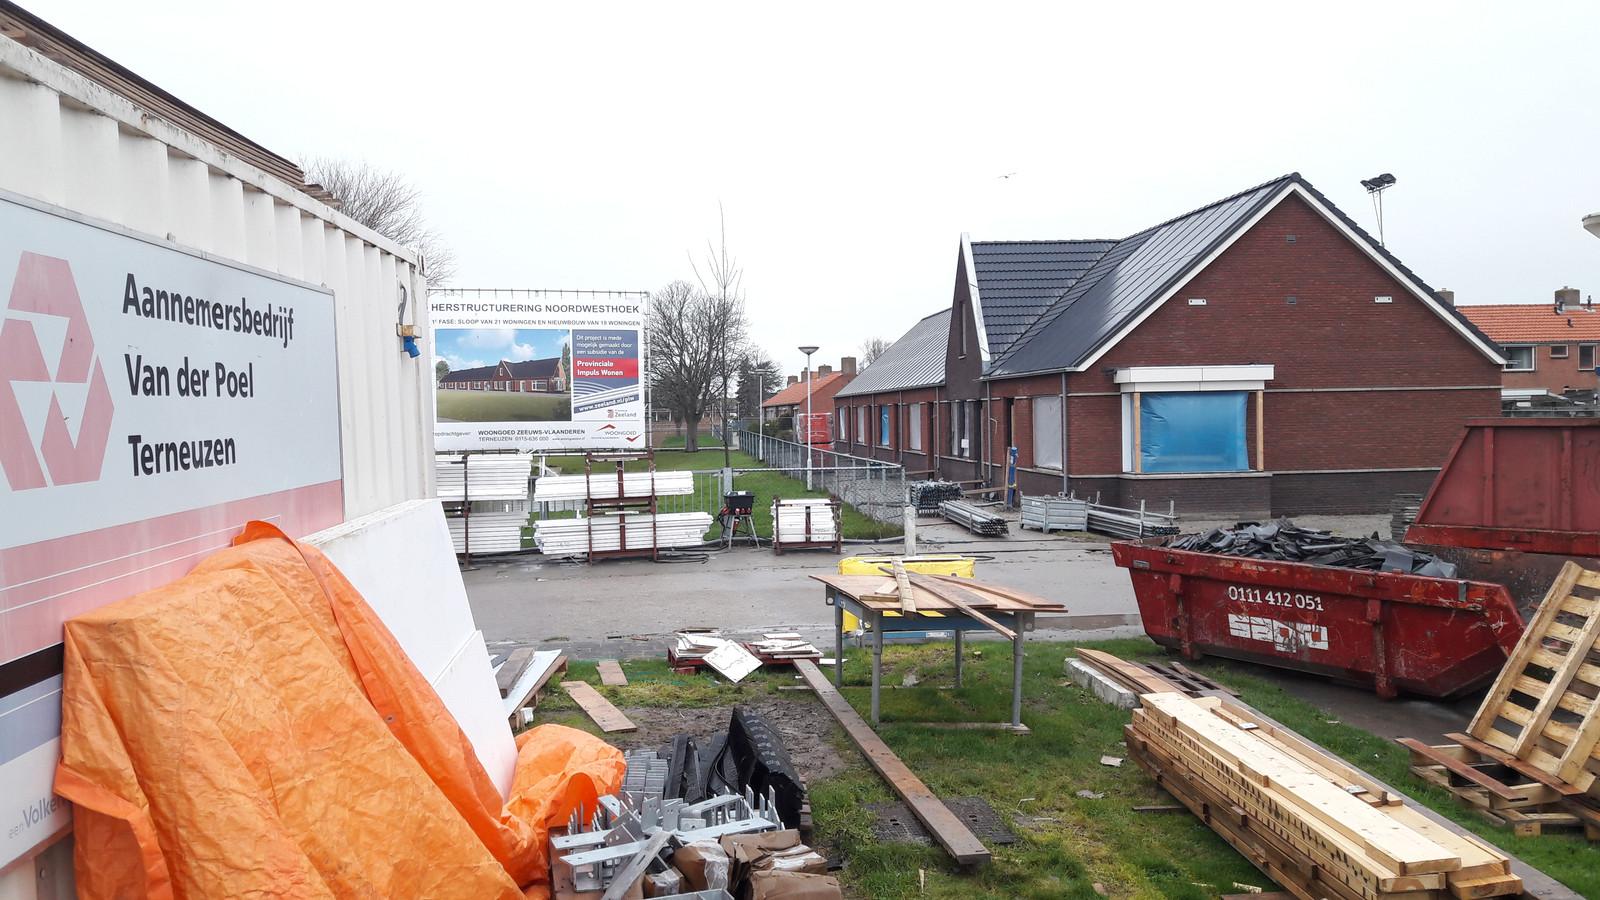 Nieuwbouw aan de Vijverlaan in de wijk Noordwesthoek in Breskens. Sinds de corona-maatregelen die het kabinet op 15 maart afkondigde, groeit de bevolking van Zeeuws-Vlaanderen weer iets.